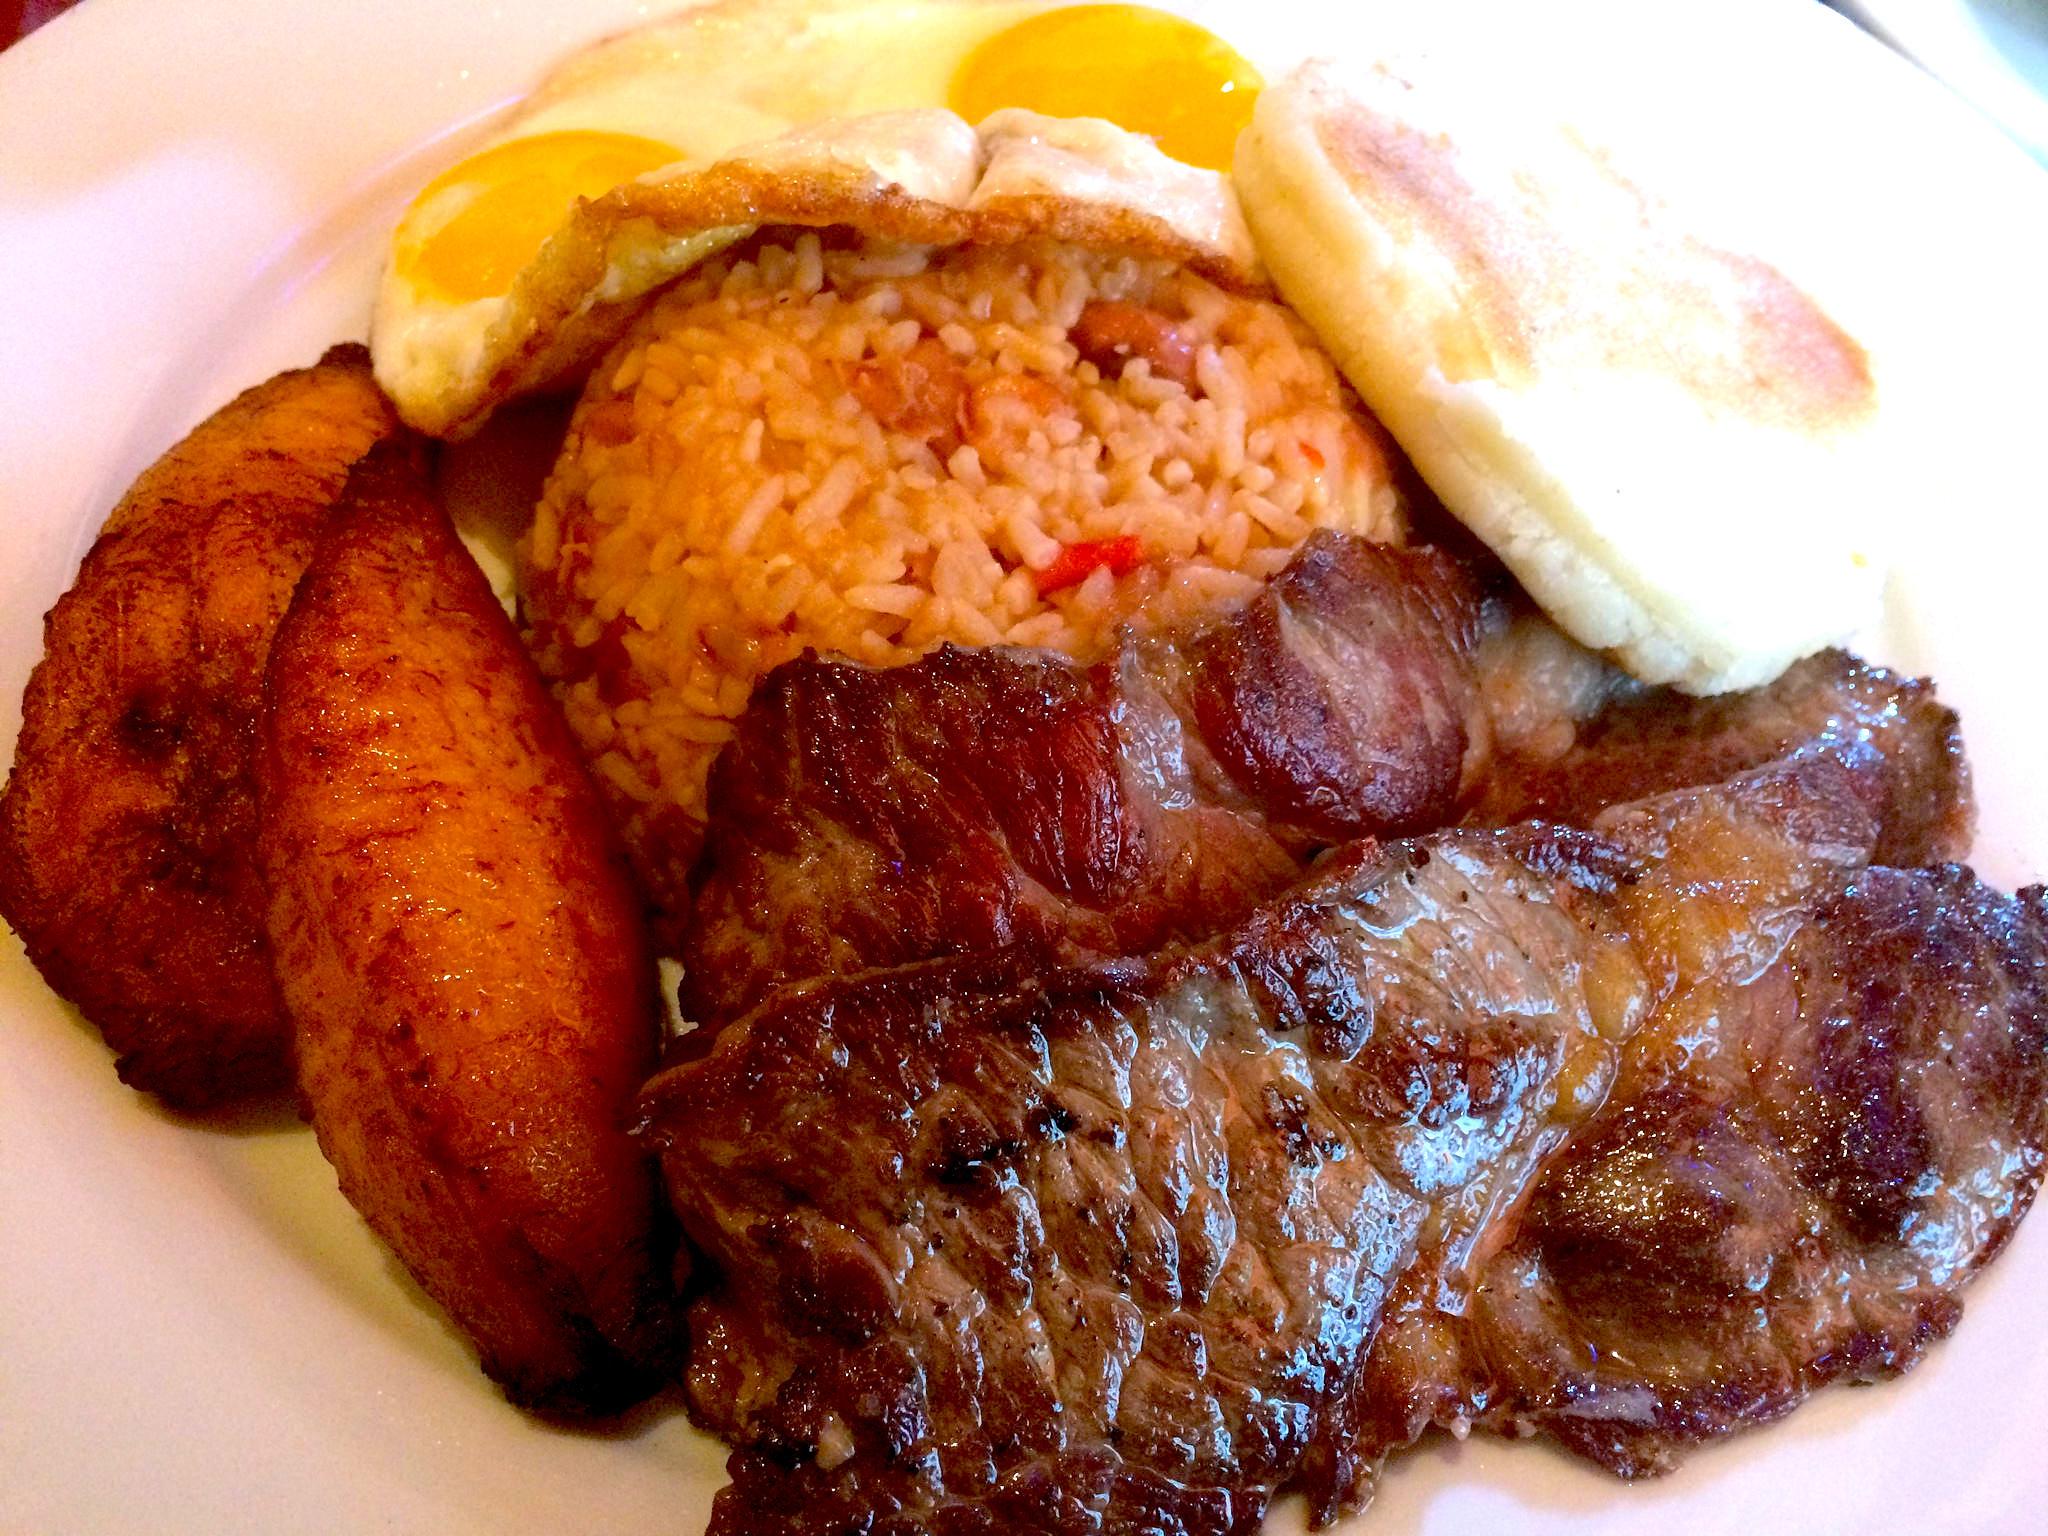 Colombian brunch